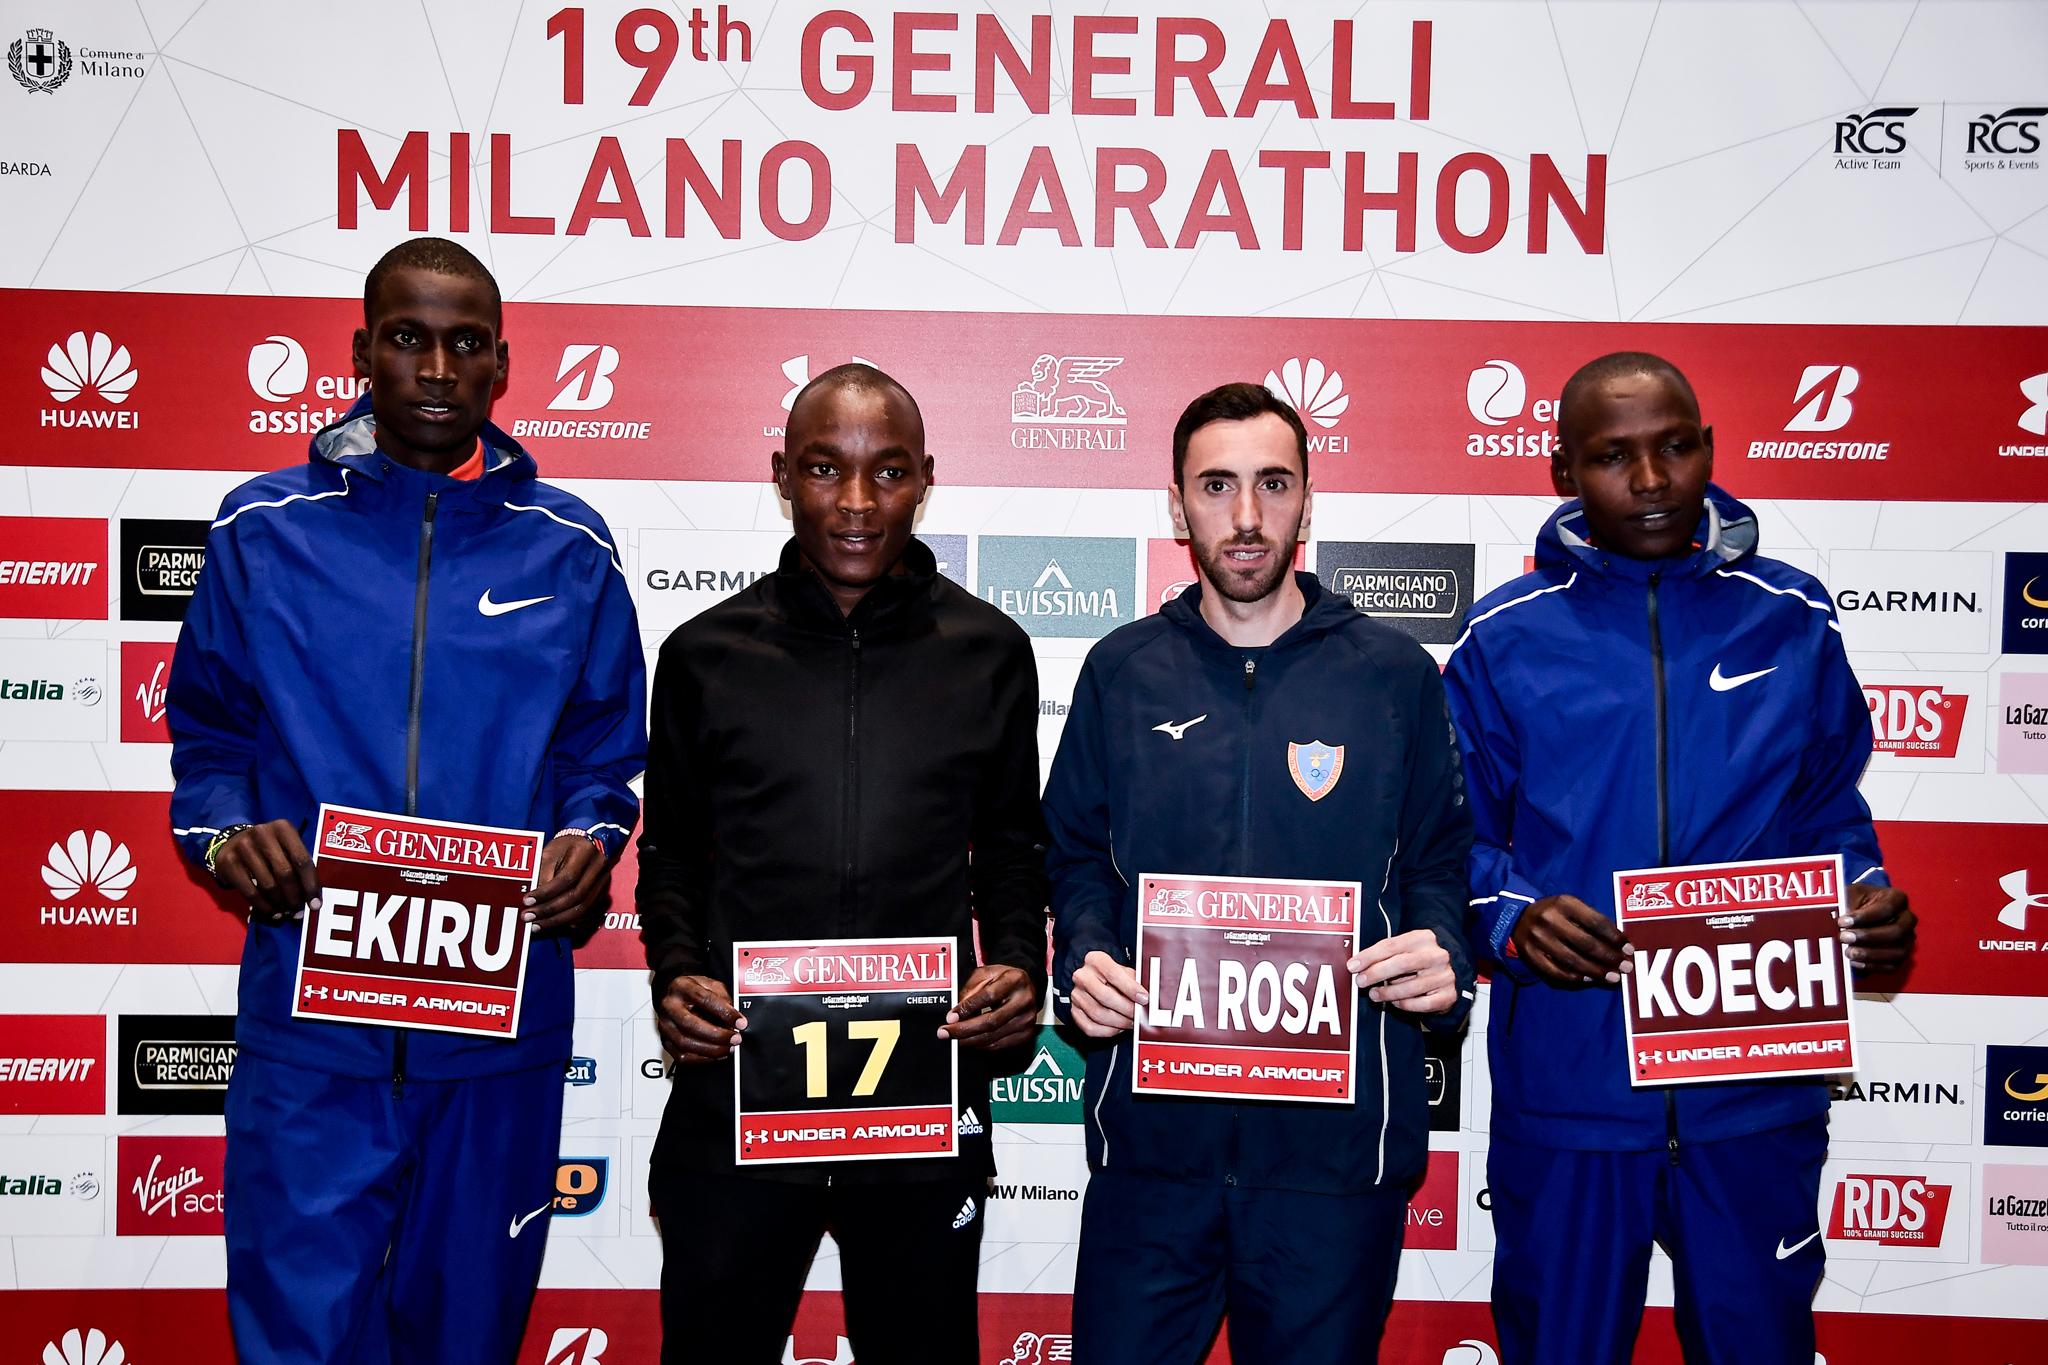 Generali Milano Marathon 2019: la lista de los mejores corredores de la 19ª edición